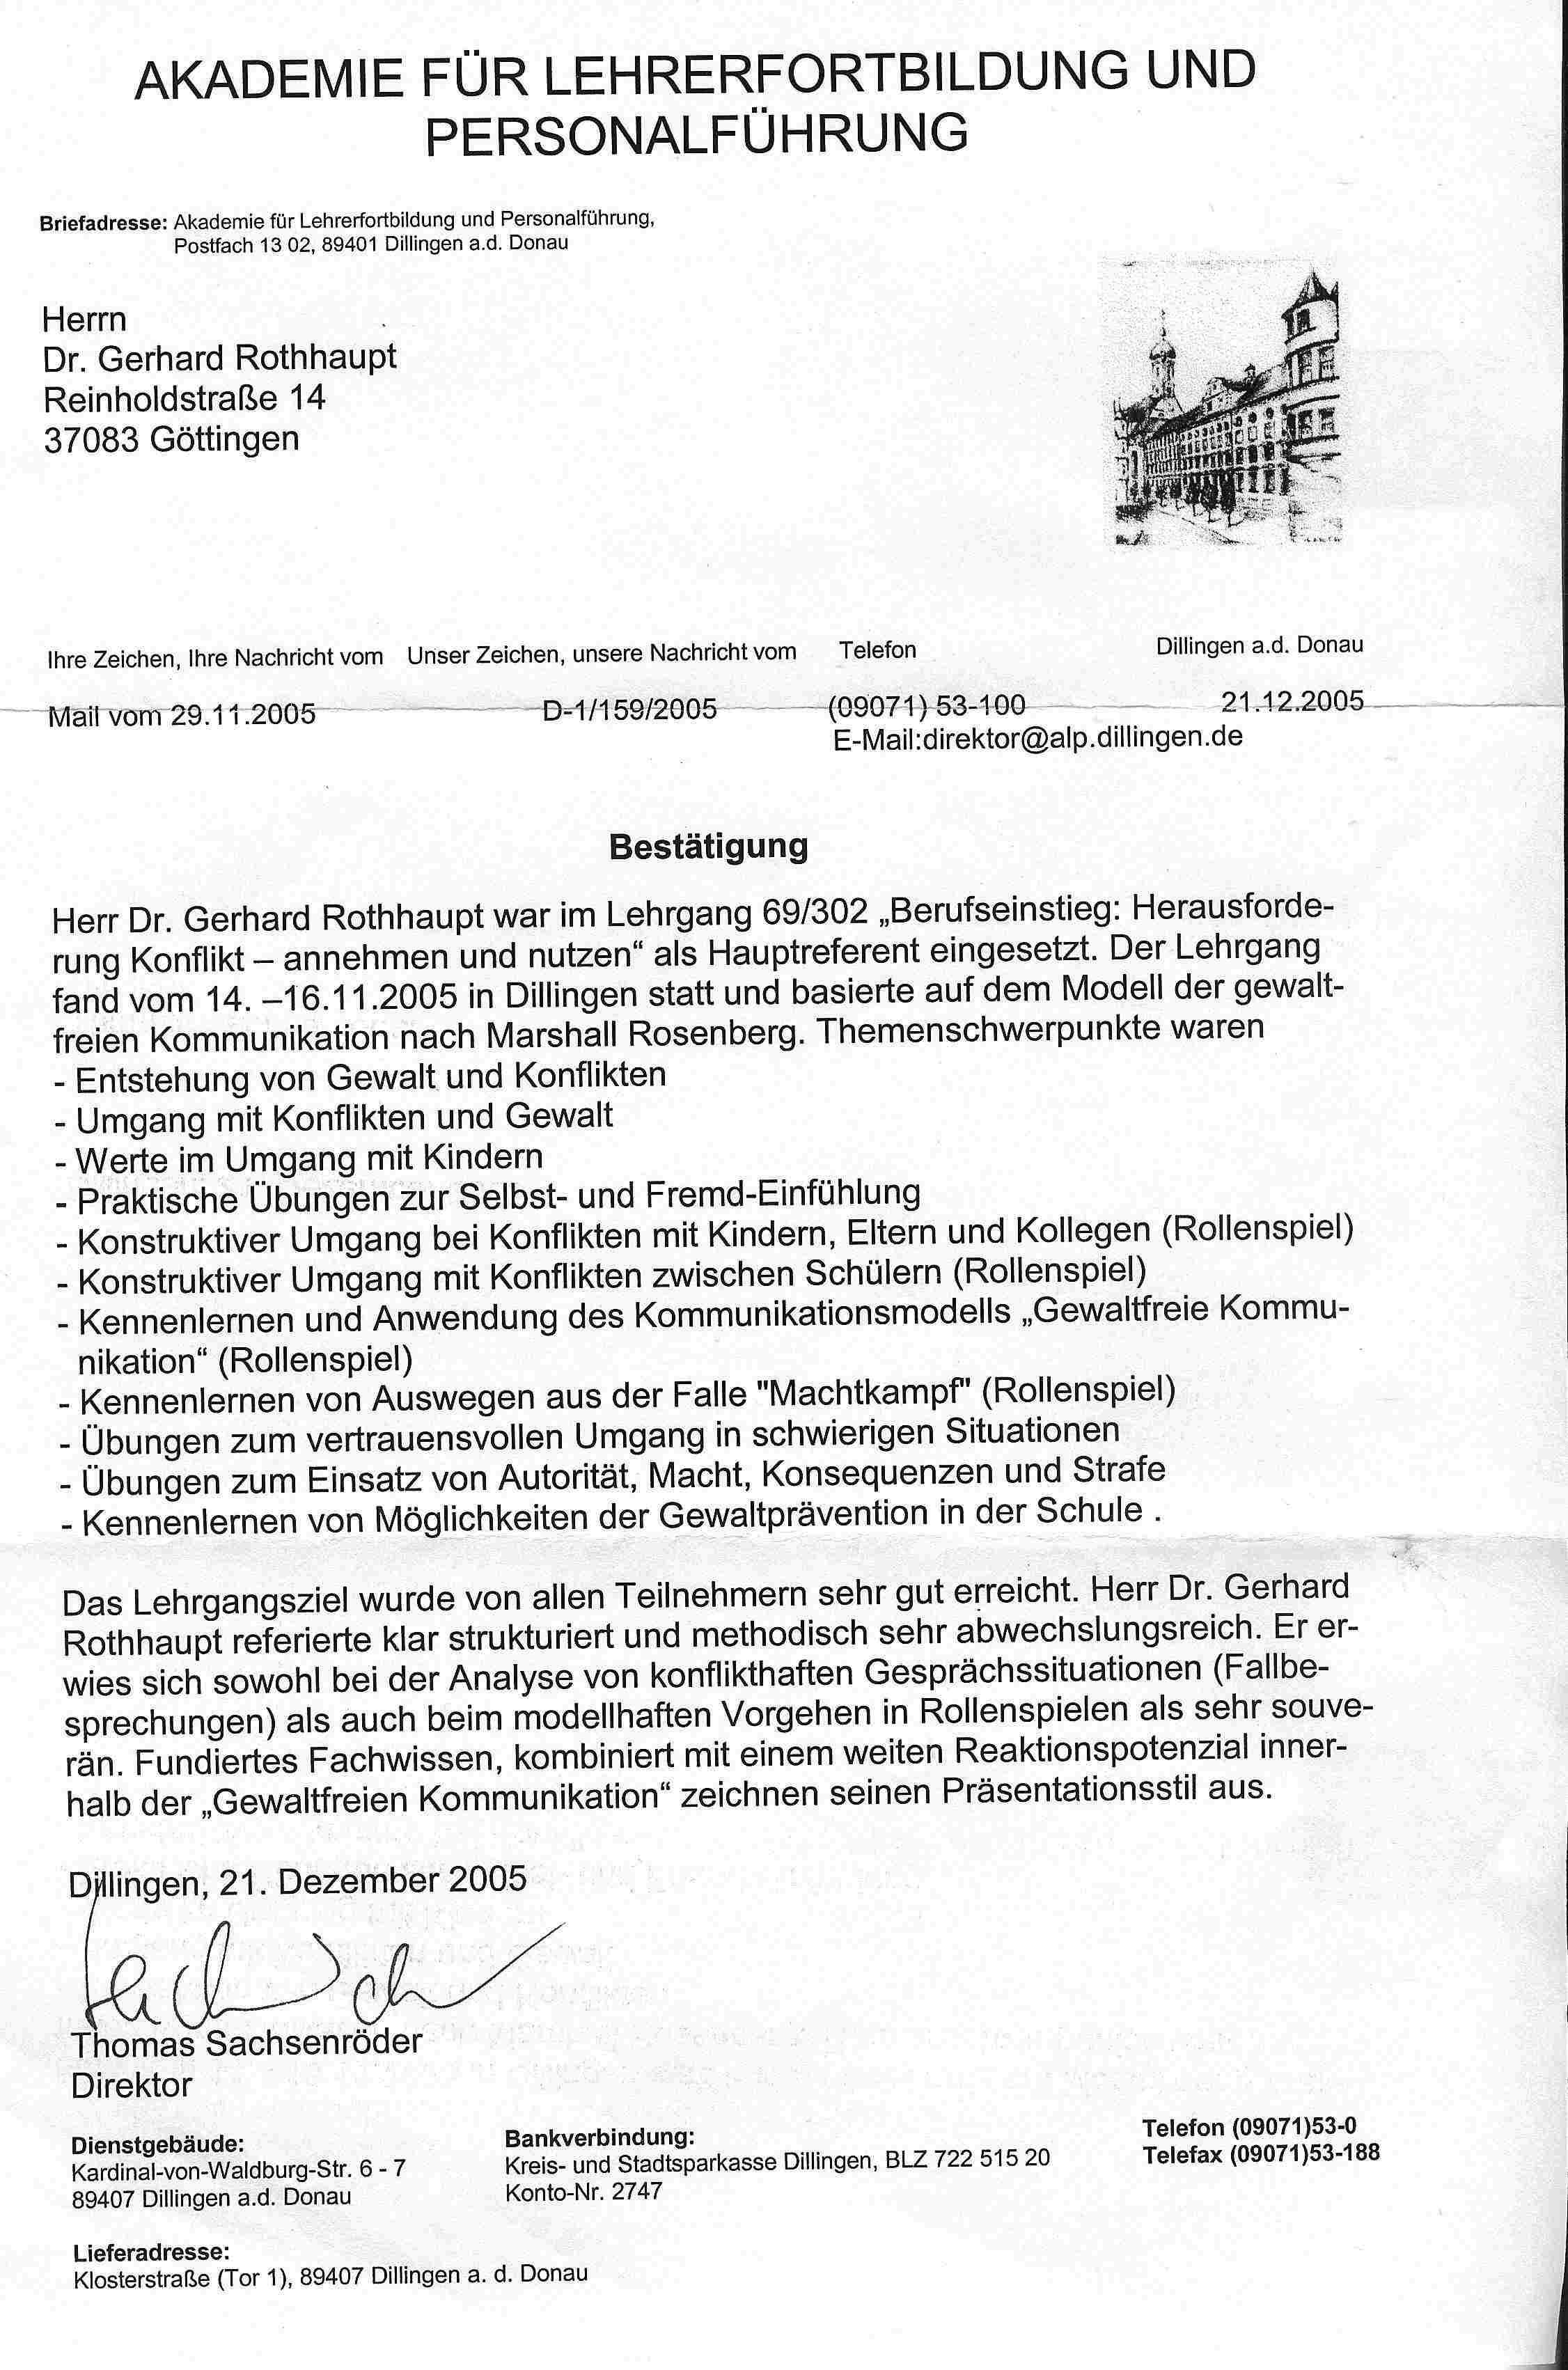 Visionen Und Wege Dr Gerhard Rothhaupt Beratung Training